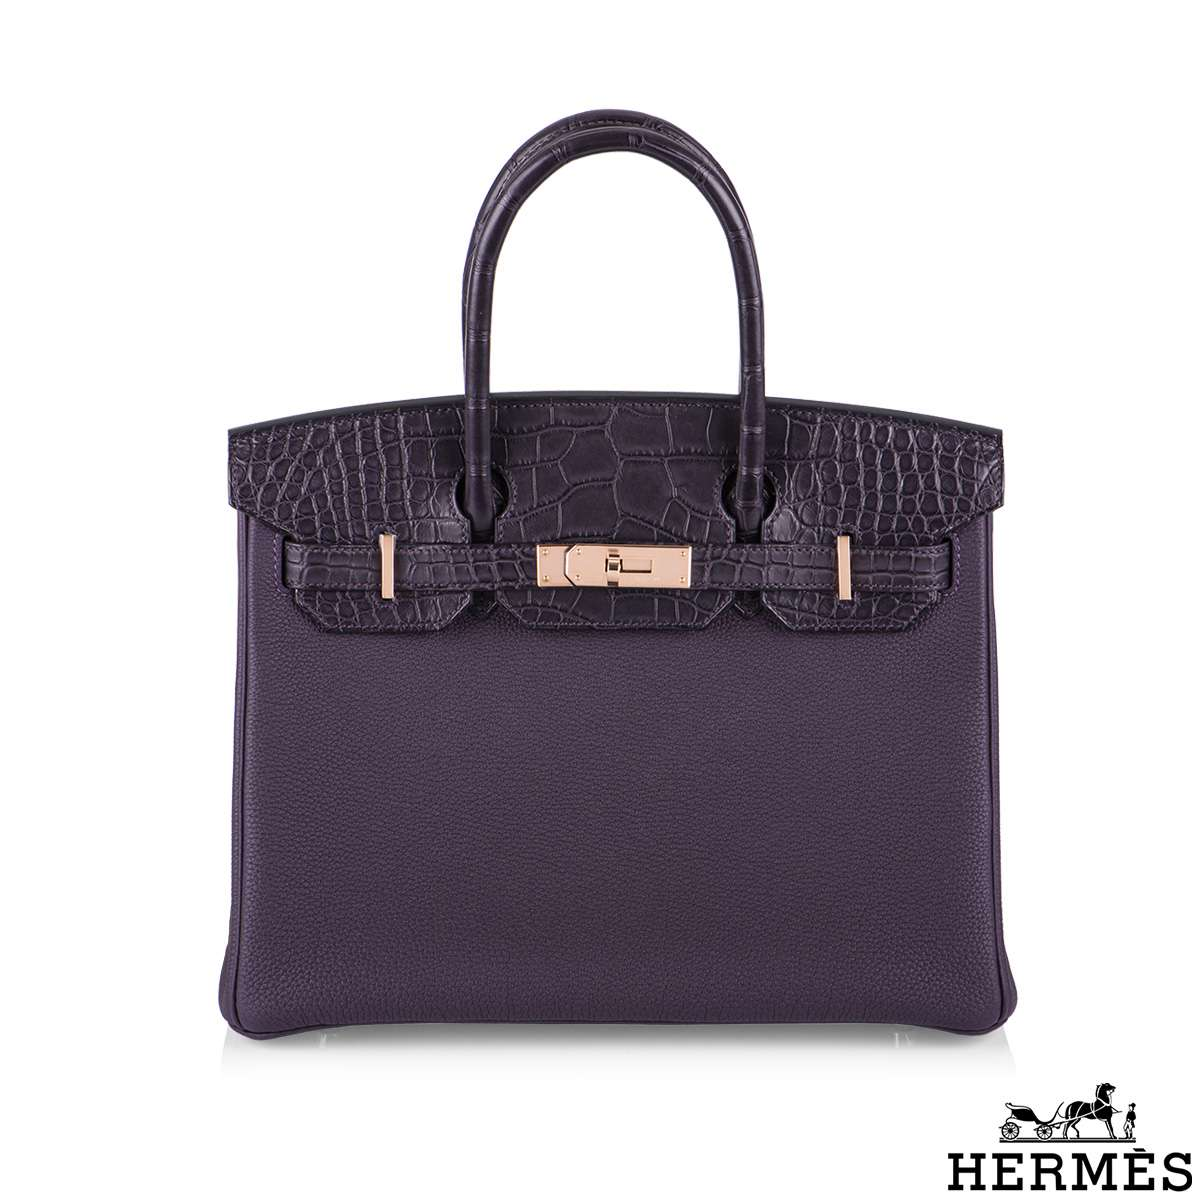 Hermès 30cm Touch Birkin  Pruenoir Matte Alligator and Raisin Togo Leather RGH